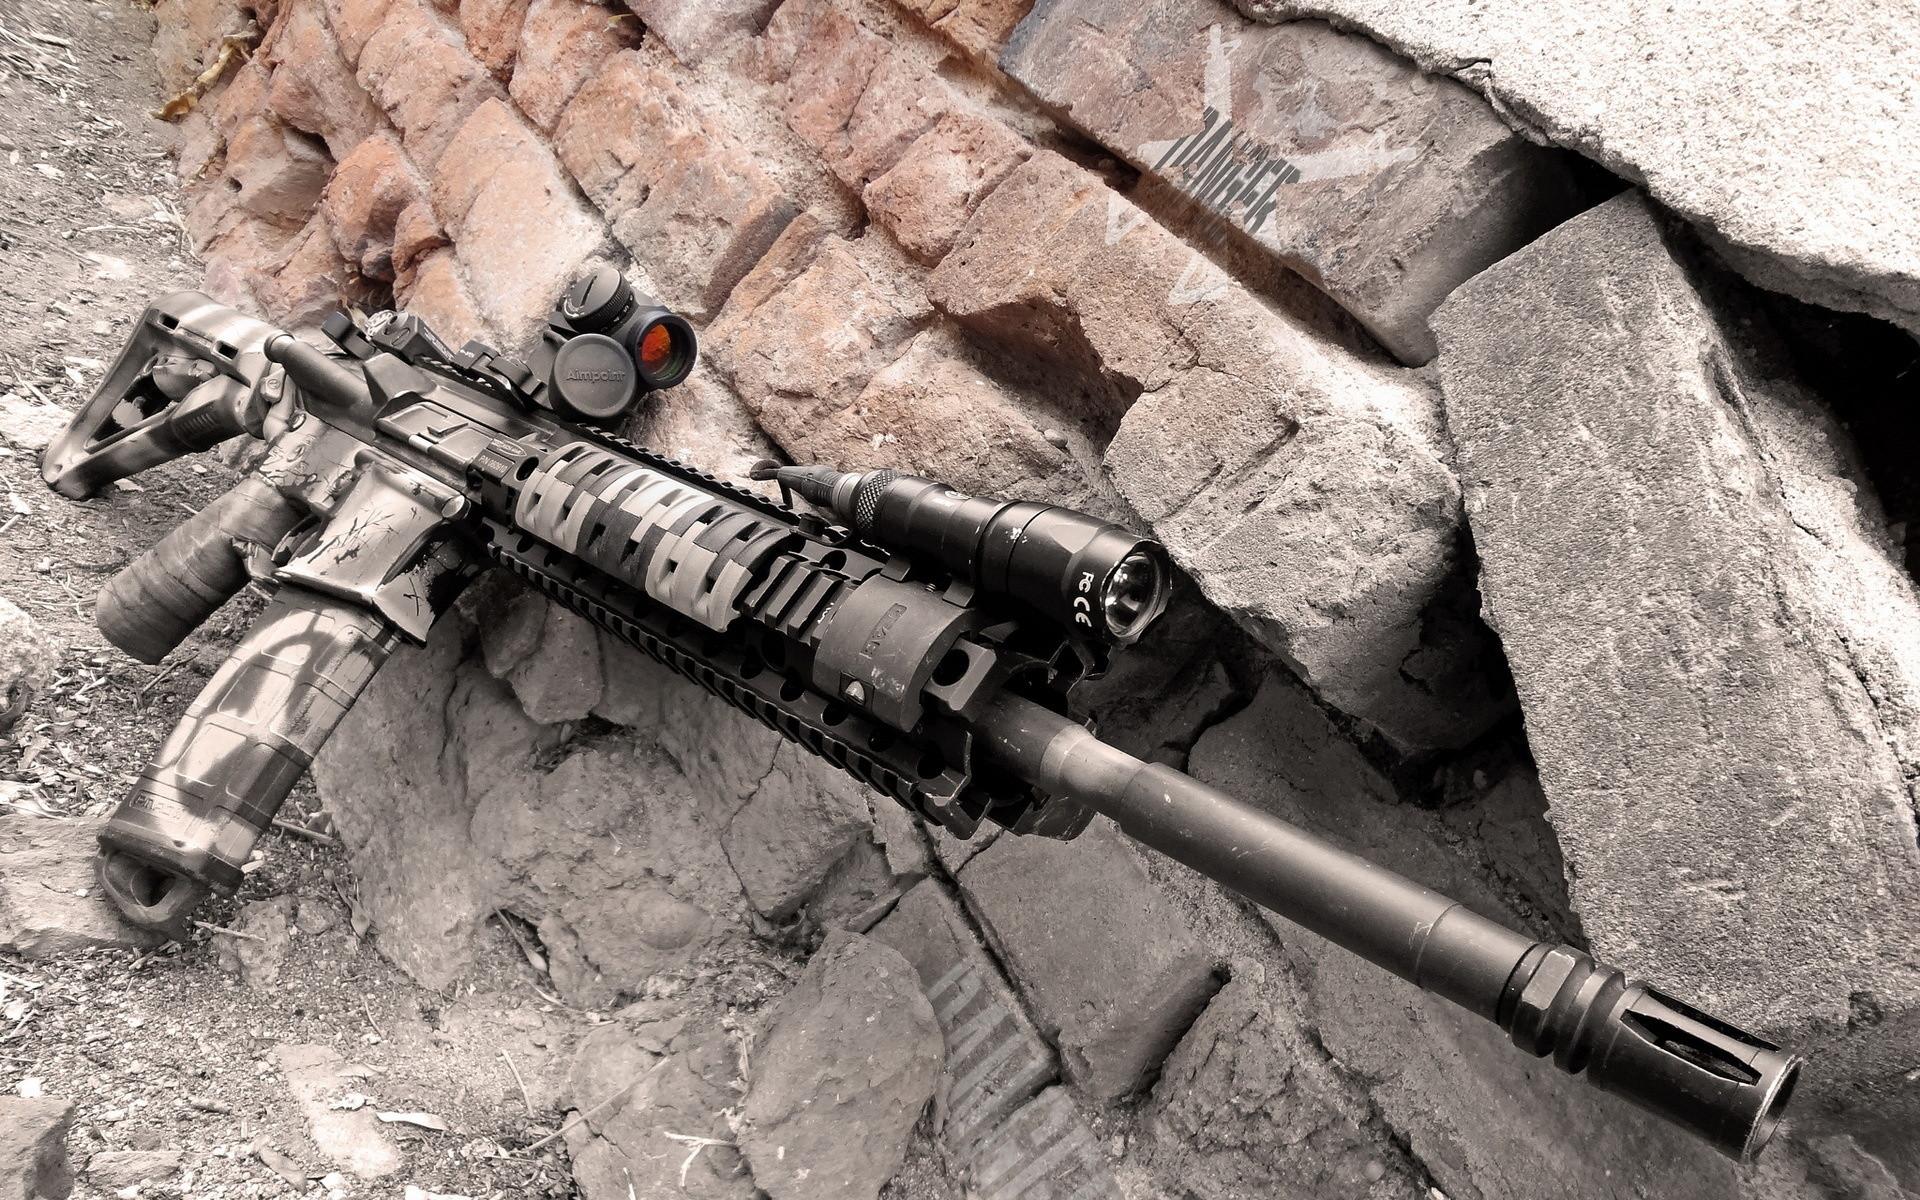 Colorado AR-15 military police weapon gun wallpaper     210285    WallpaperUP